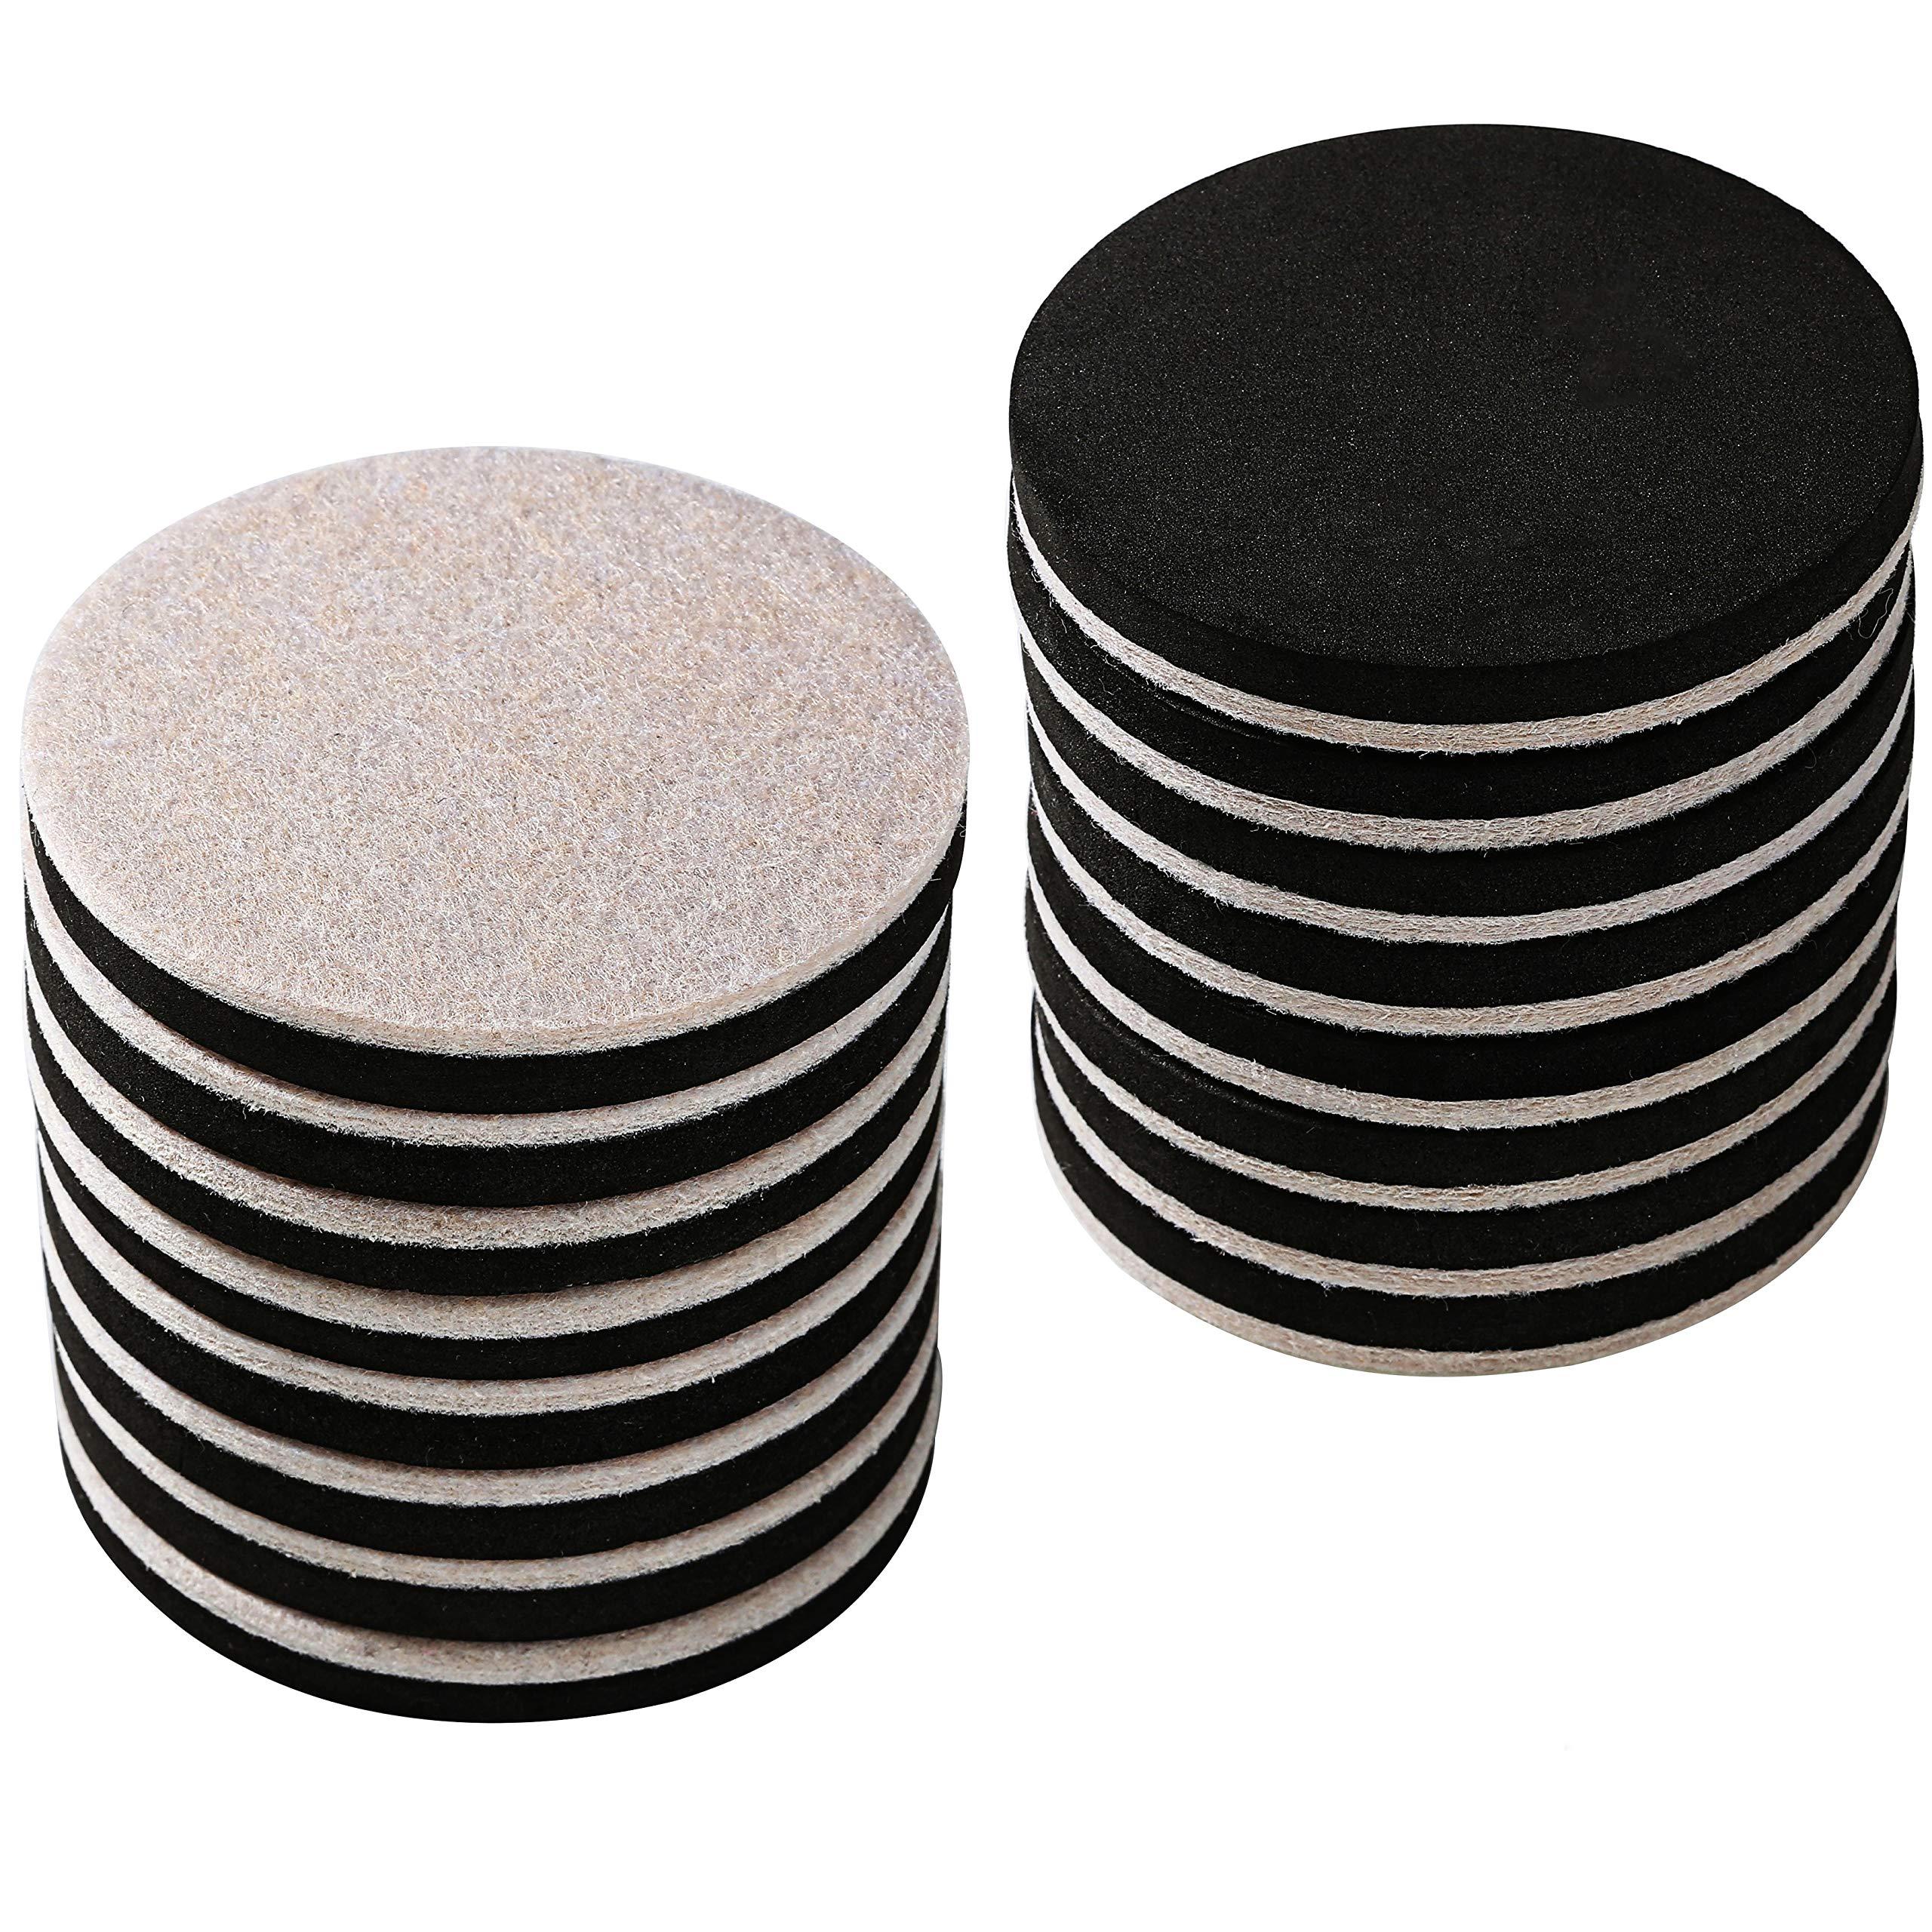 """NEW 5/"""" Furniture Sliders Heavy Duty Reusable Felt Movers for Hardwood Floors 4pk"""